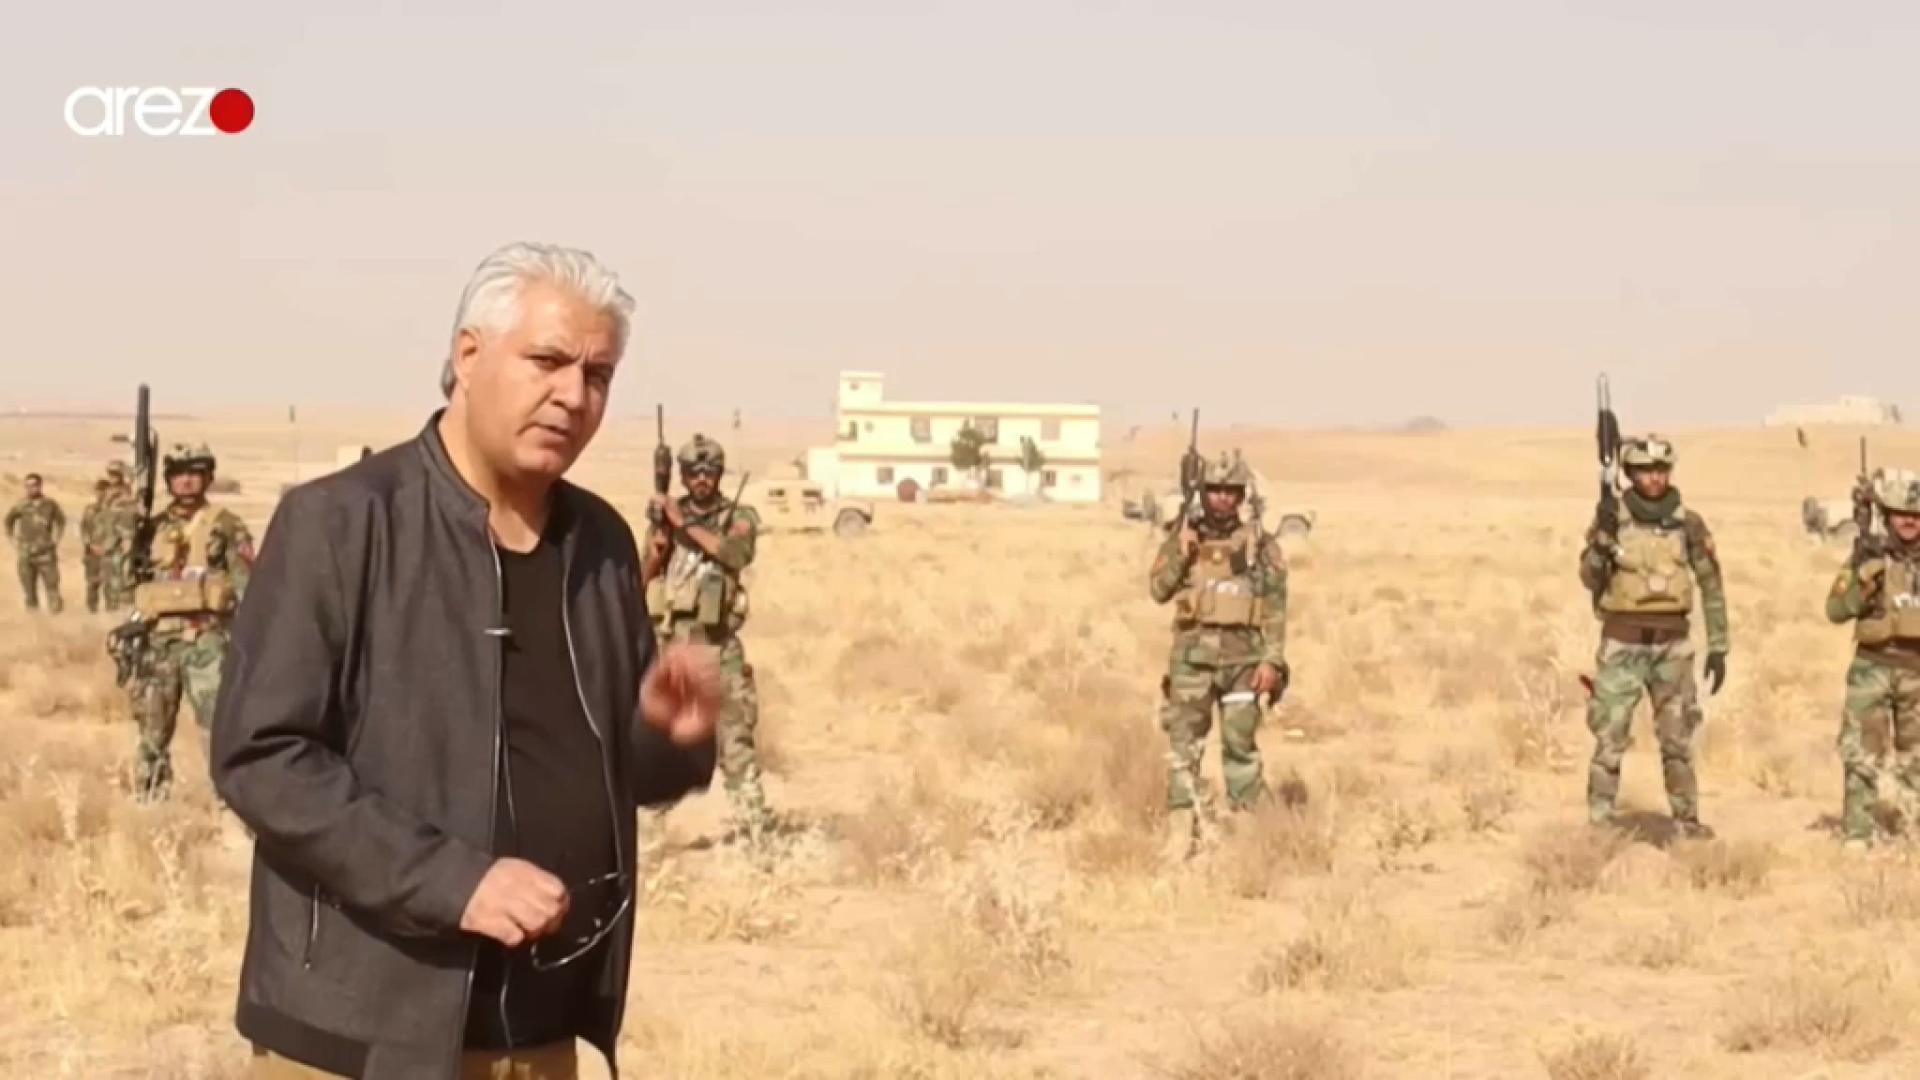 La+llibertat+de+premsa%2C+amena%C3%A7ada+de+mort+a+l%26apos%3BAfganistan